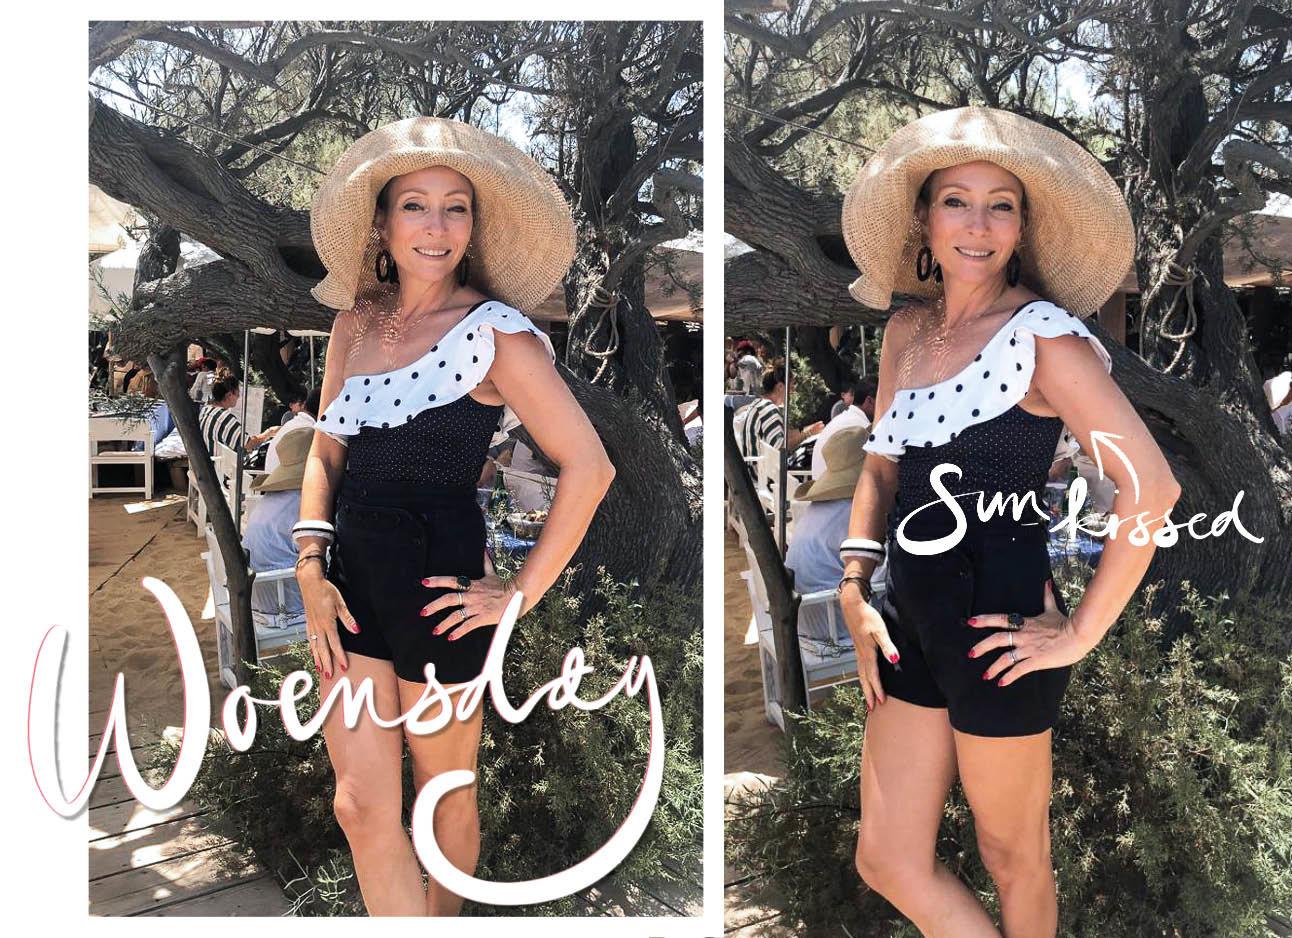 May-britt Mobach op vakantie met grote hoed